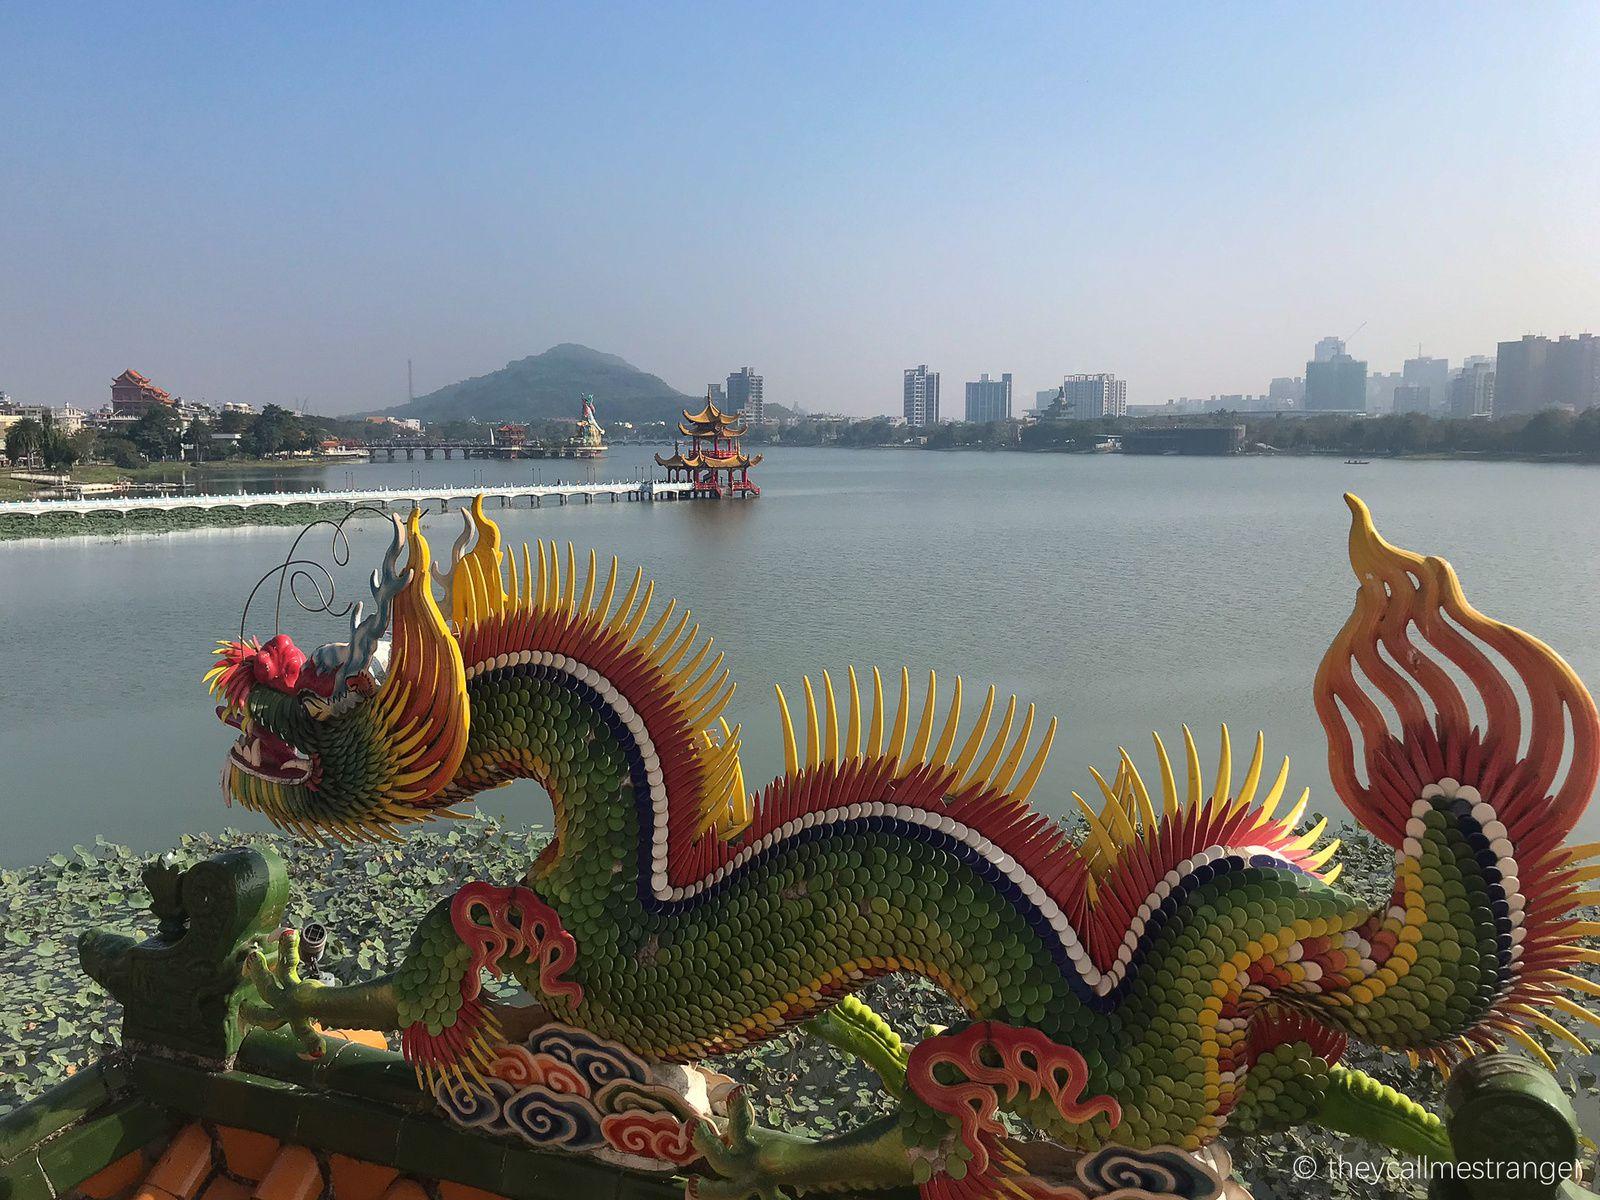 Le lac lotus 蓮池潭 et ses temples très colorés, Kaohsiung 高雄